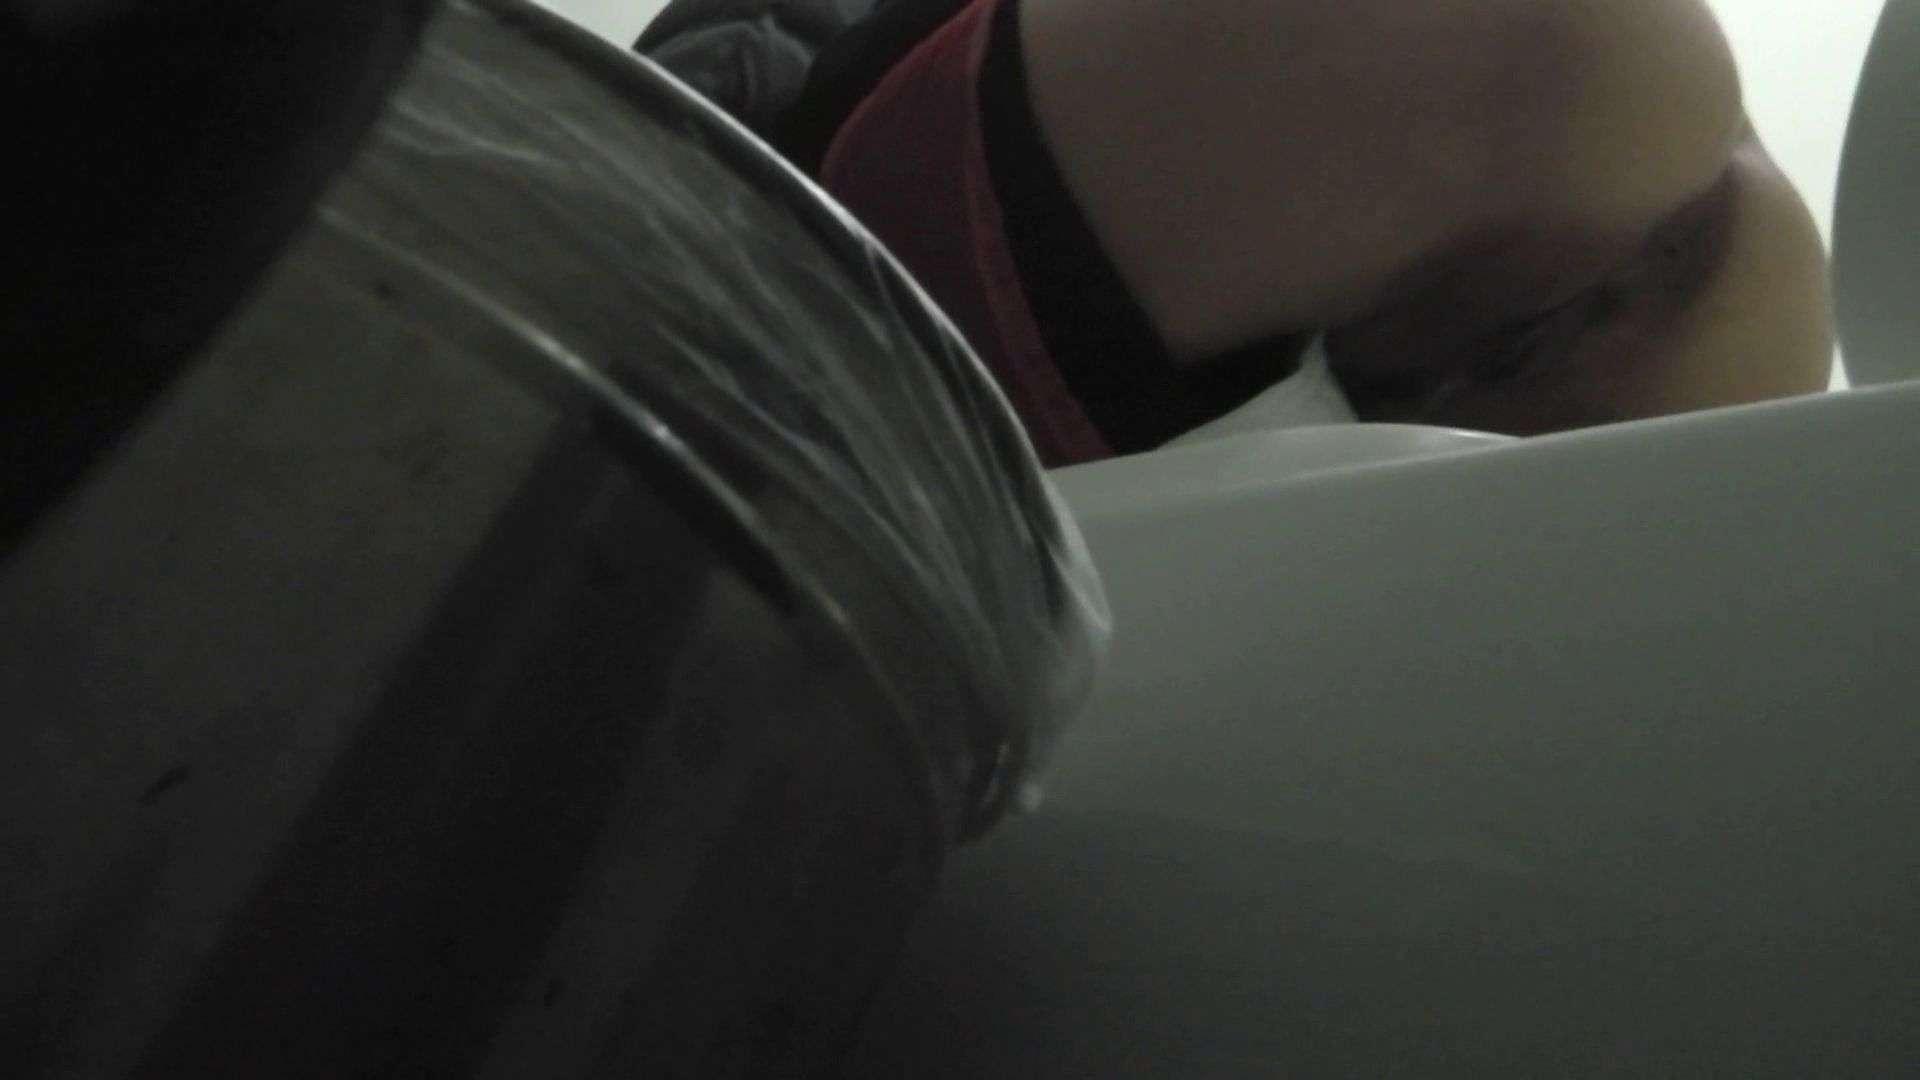 【日本成人用品展览会。超模如云】vol.01 着替|空爆 潜入突撃 | 着替え  103pic 22